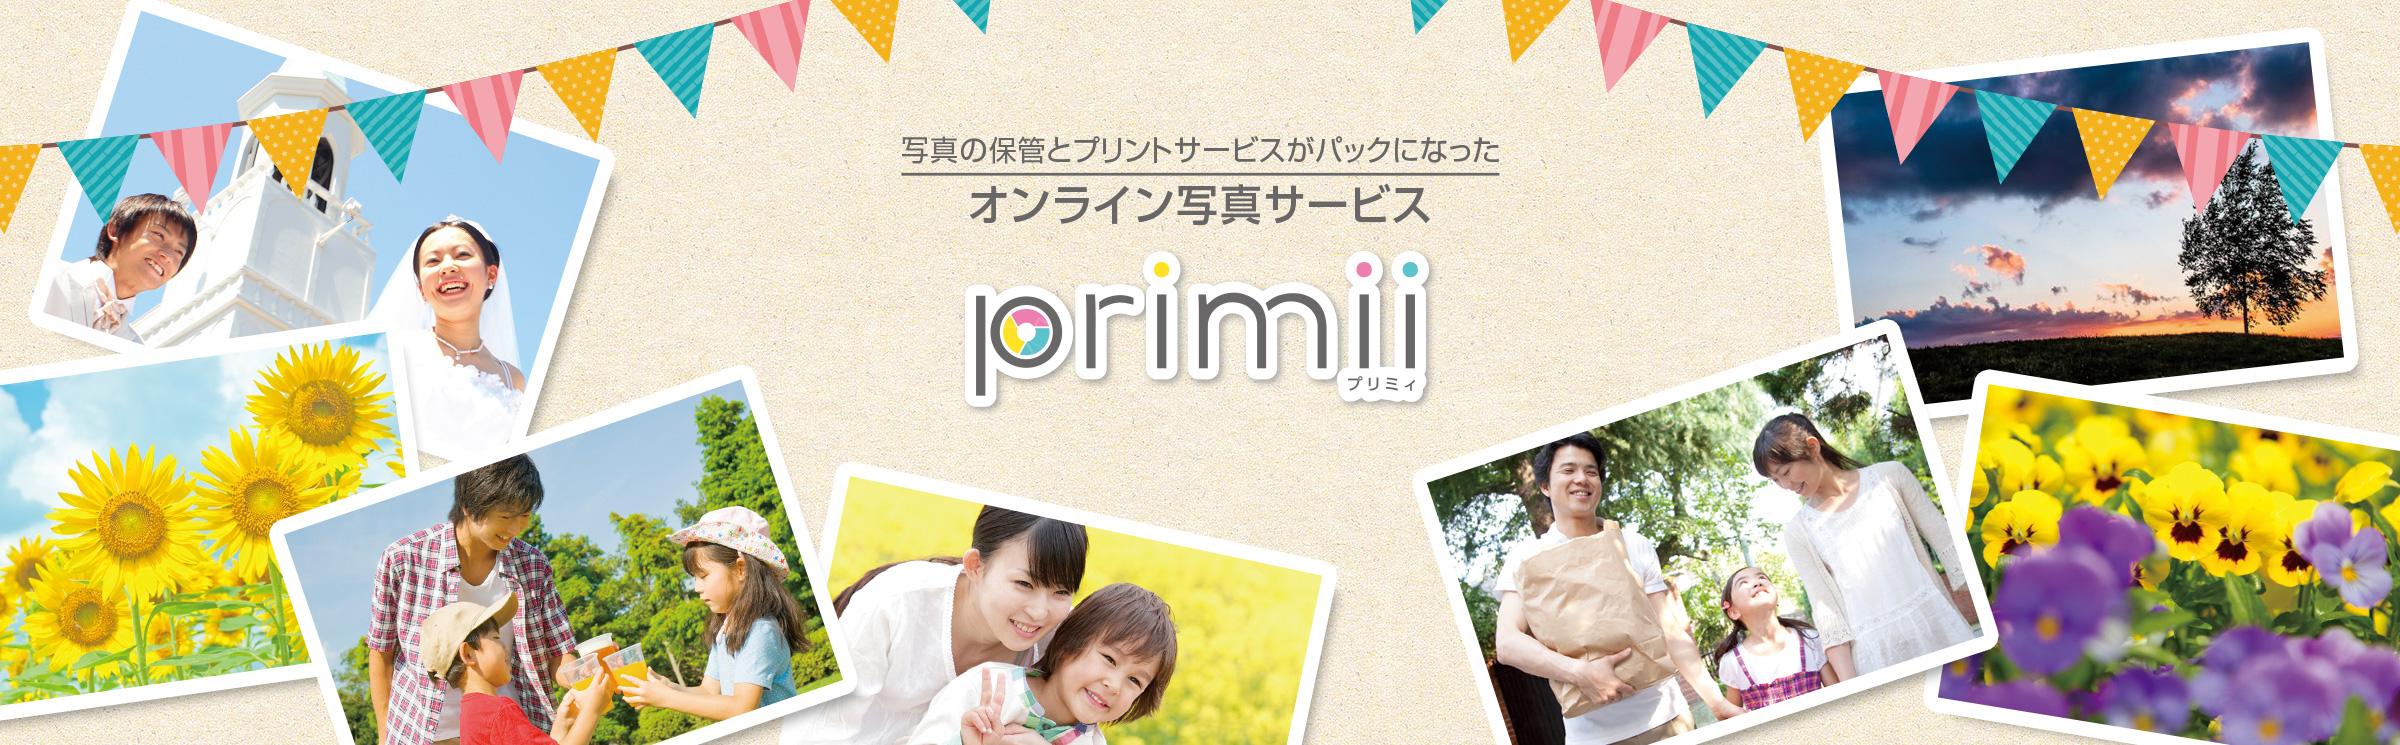 写真の保存とプリントサービスがパックになったオンライン写真サービス primii プリミィ